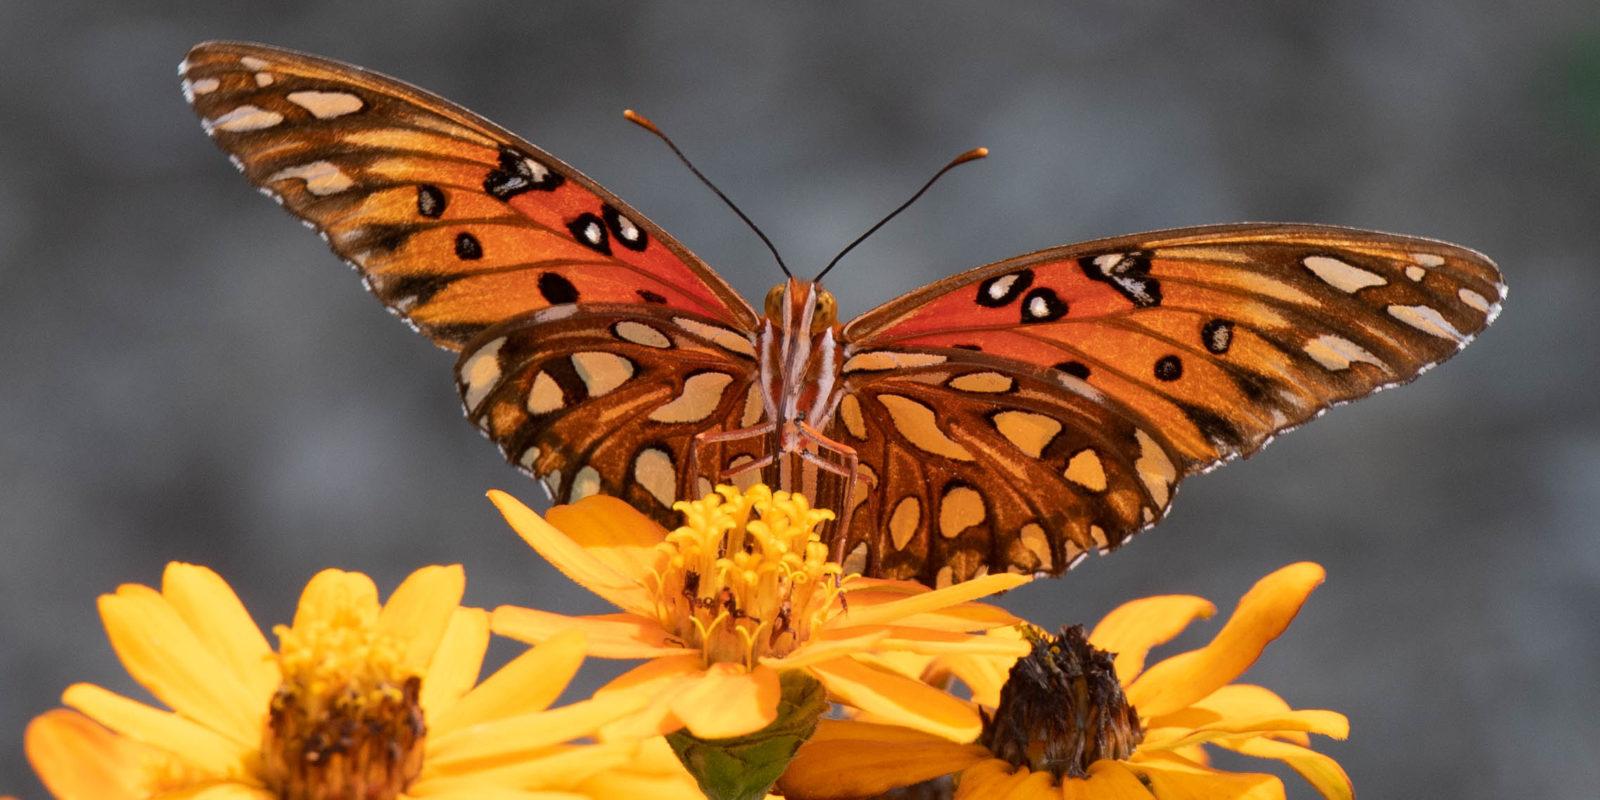 im-west-collierville-tn-wildlife-nature-butterfly-39